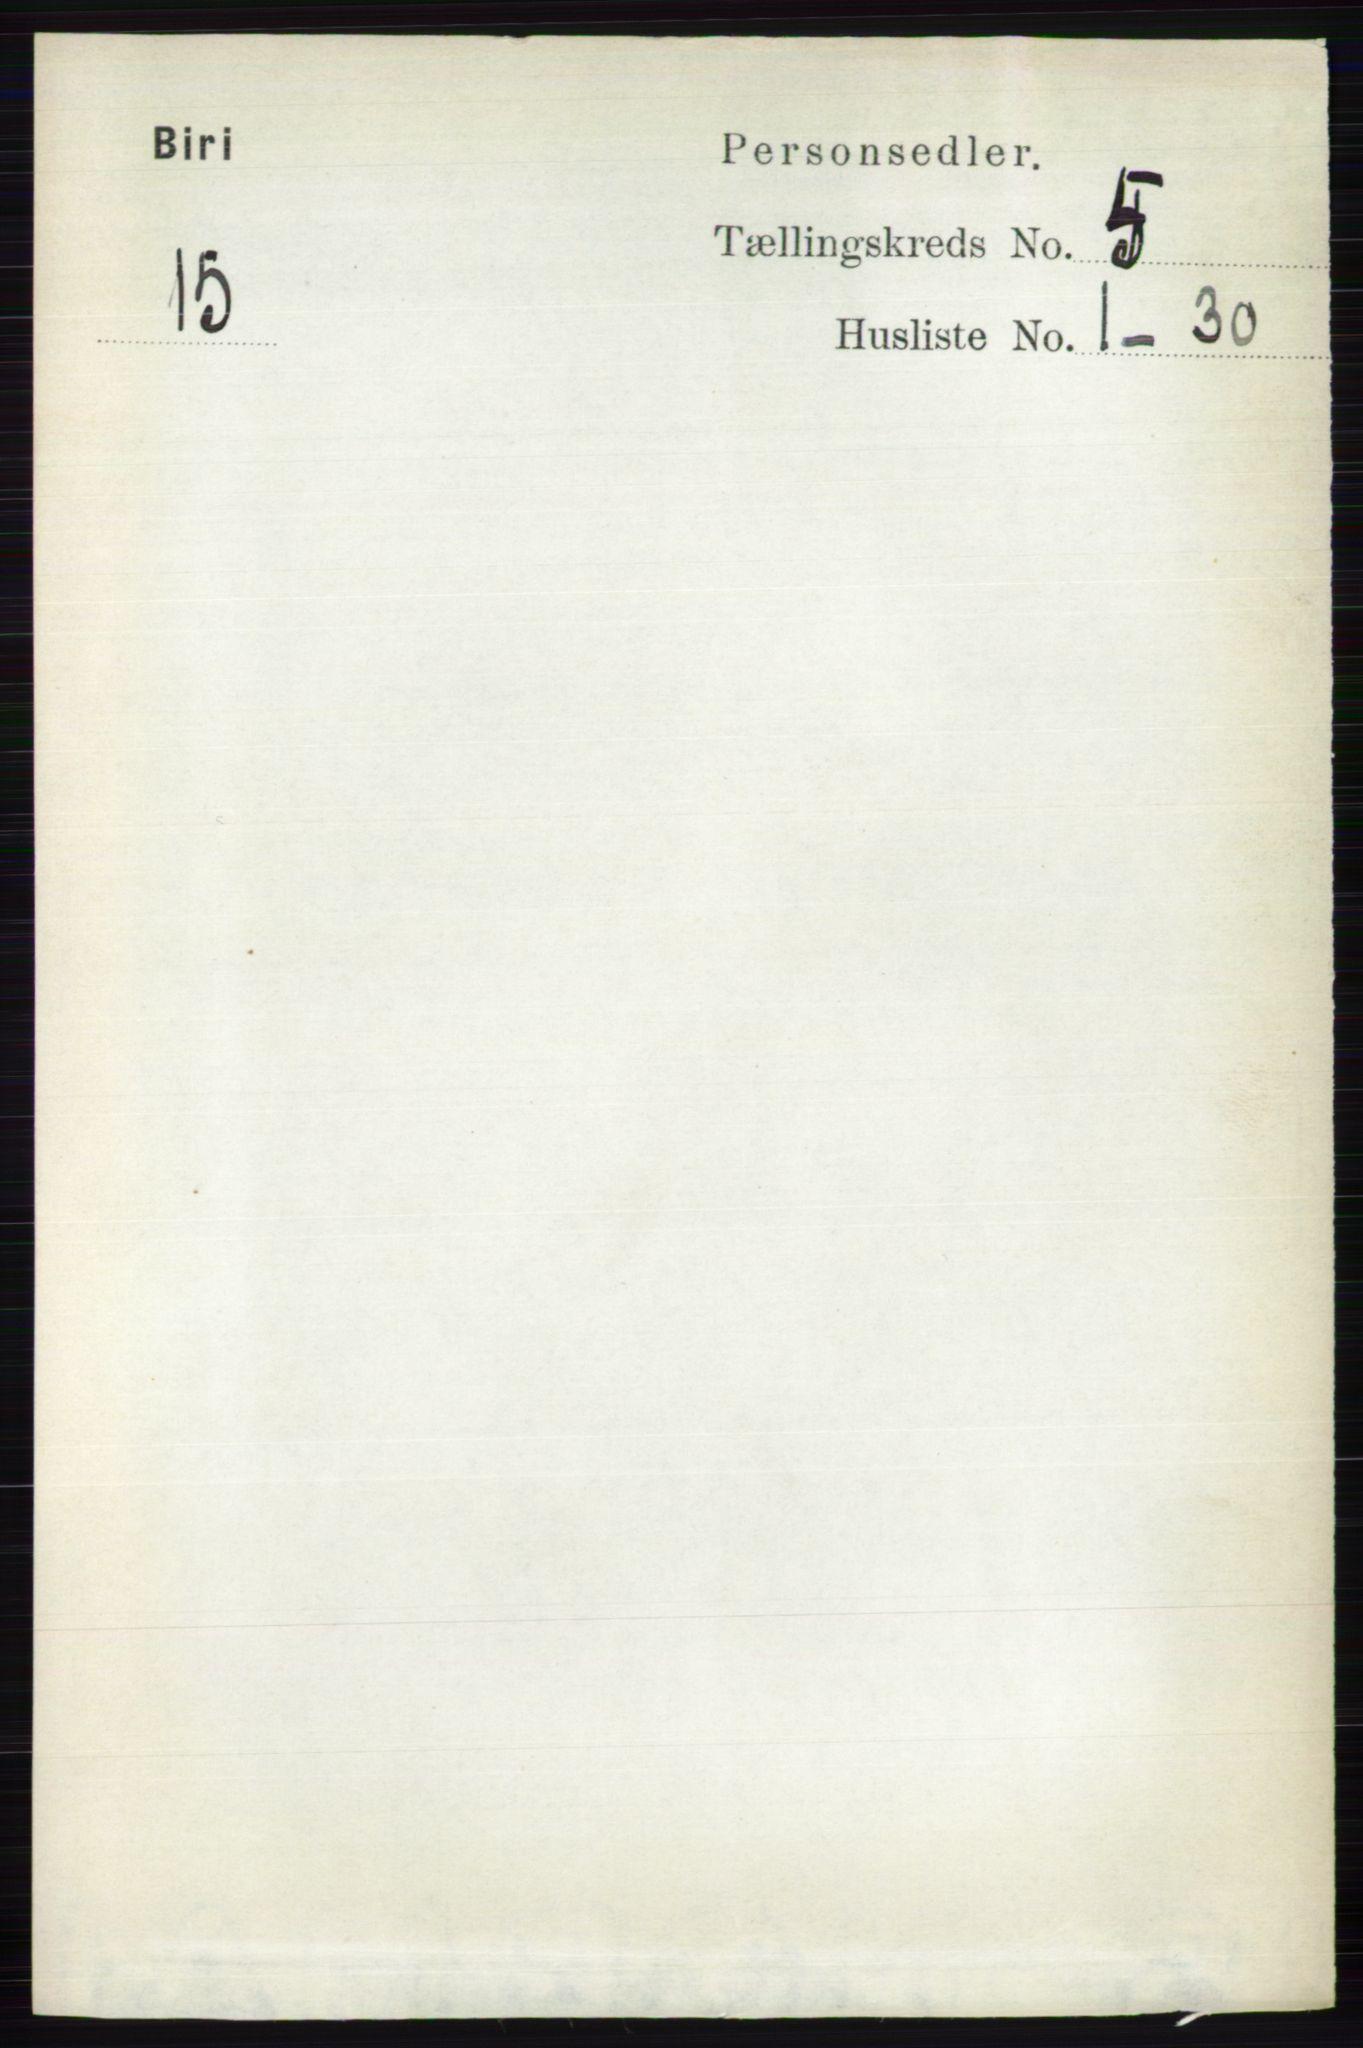 RA, Folketelling 1891 for 0525 Biri herred, 1891, s. 1786